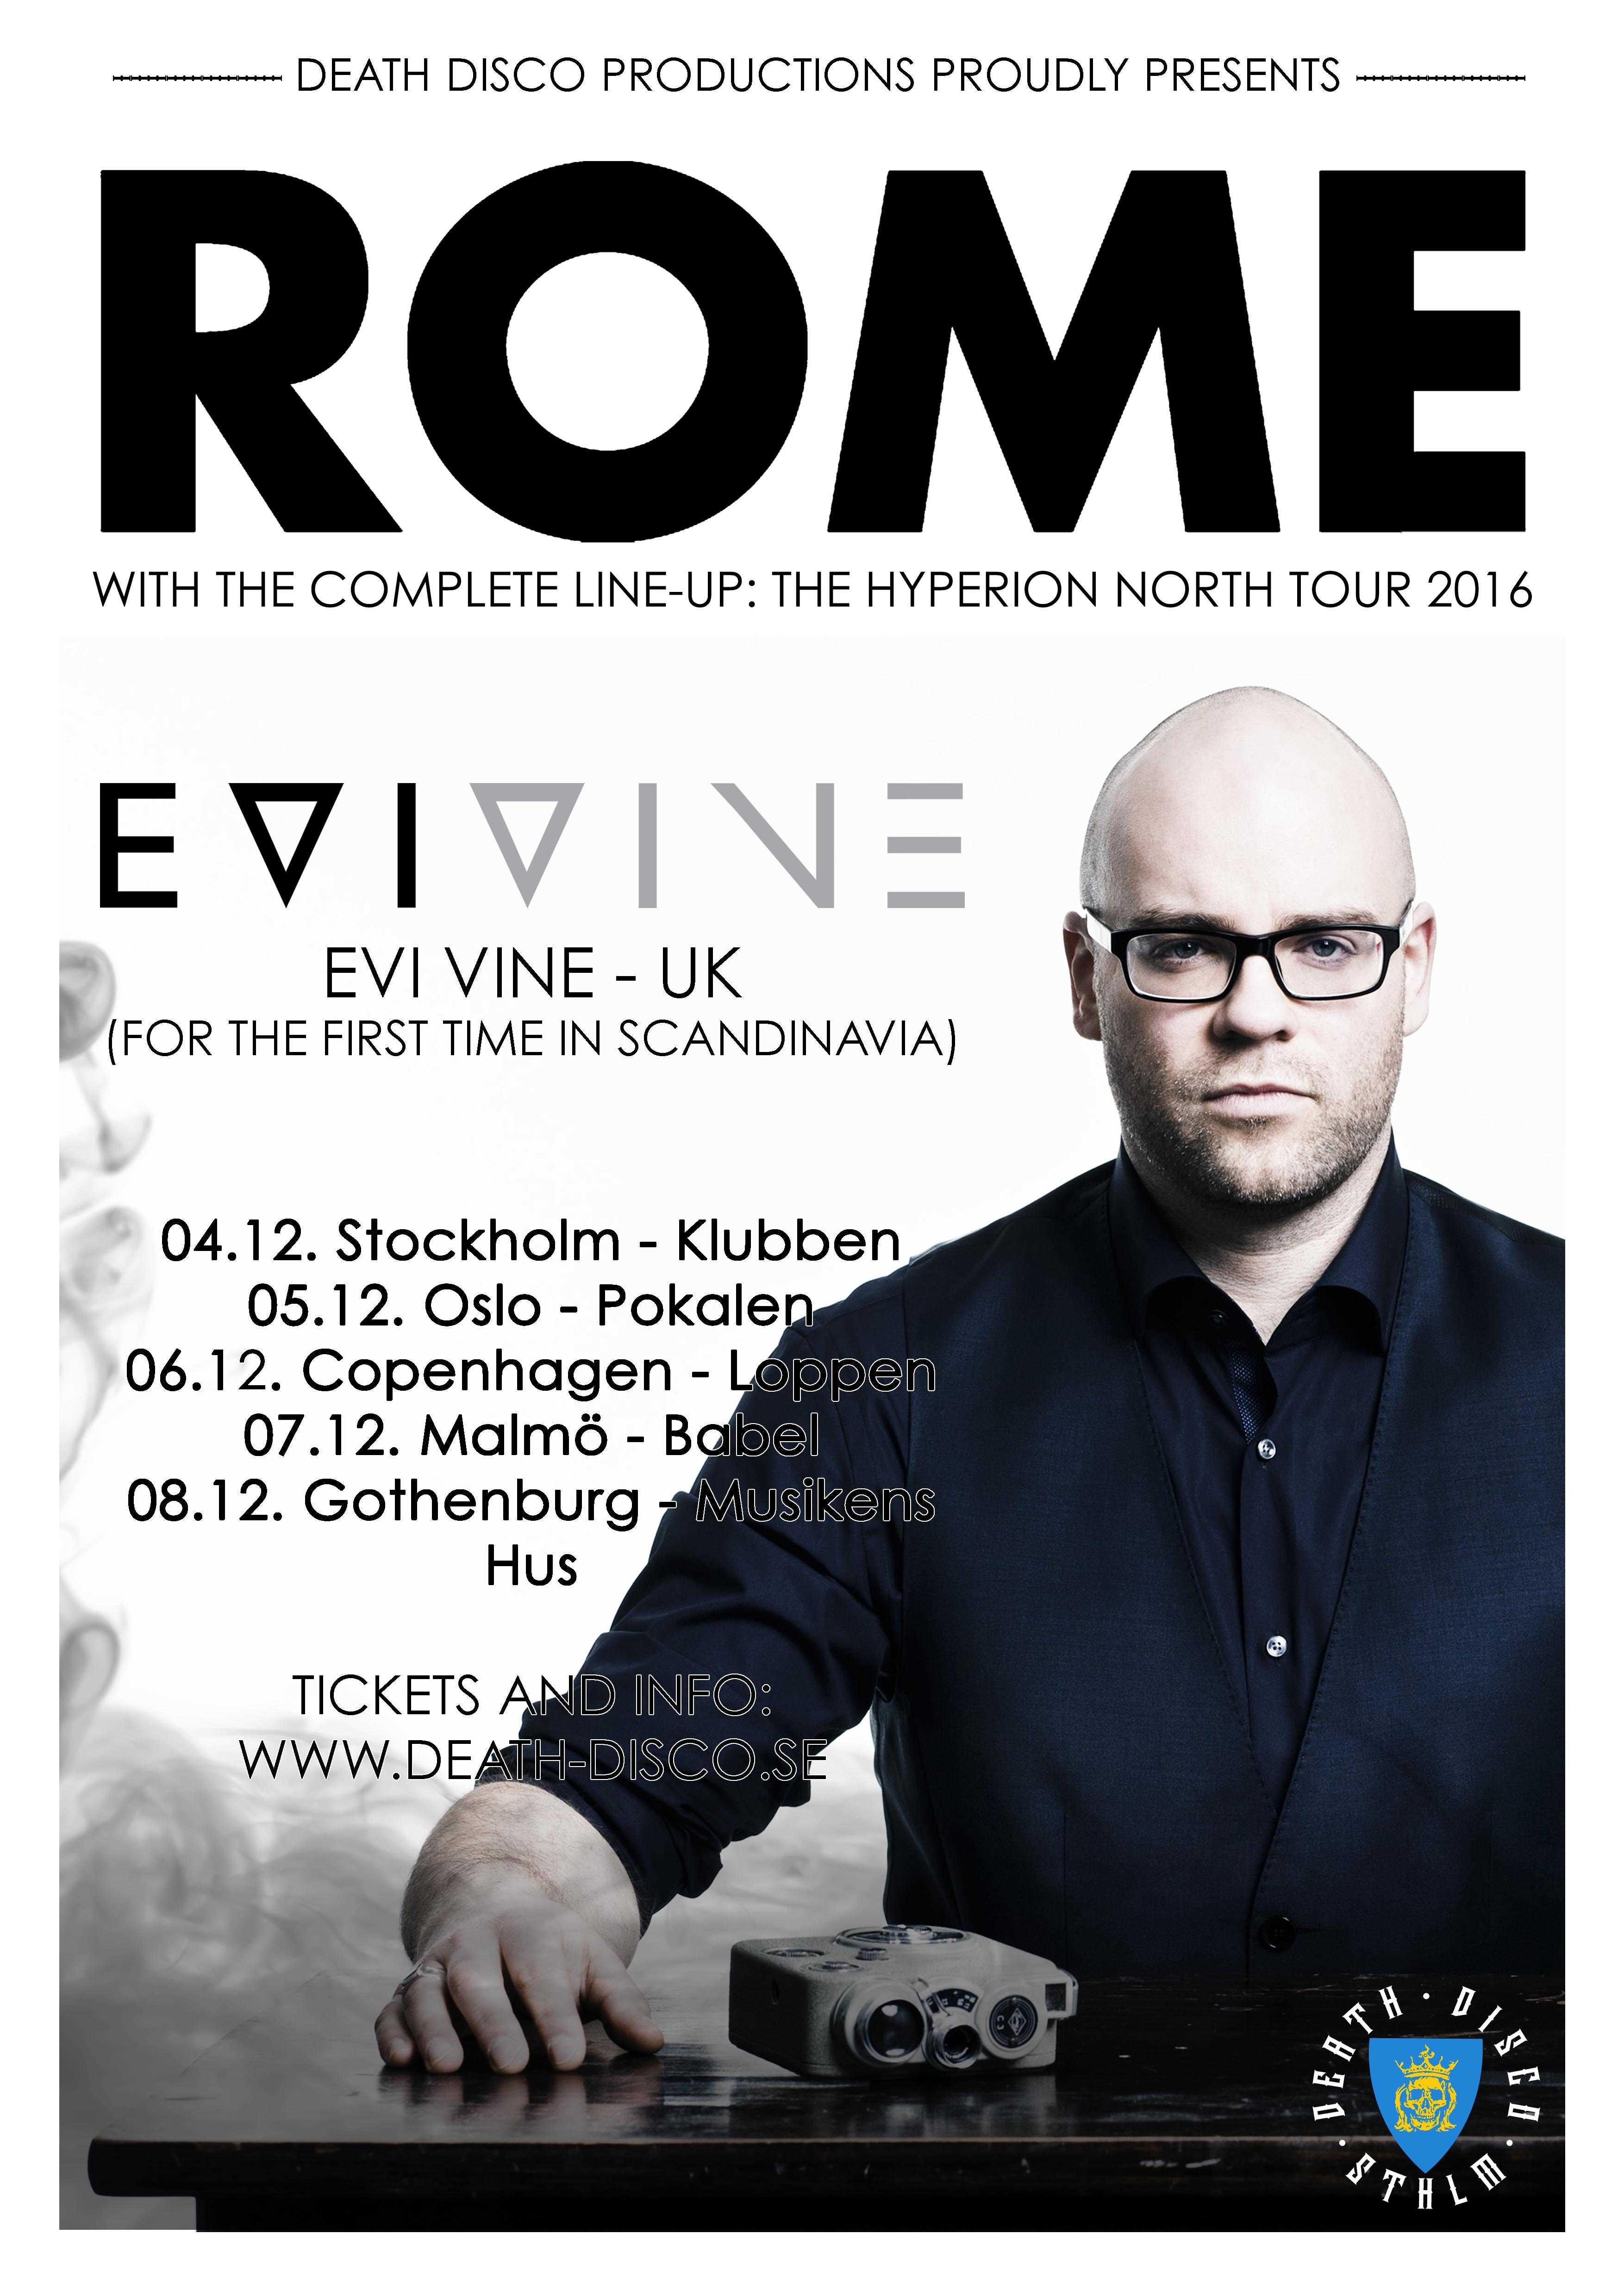 rome_north_tour_2016_edit_ver2